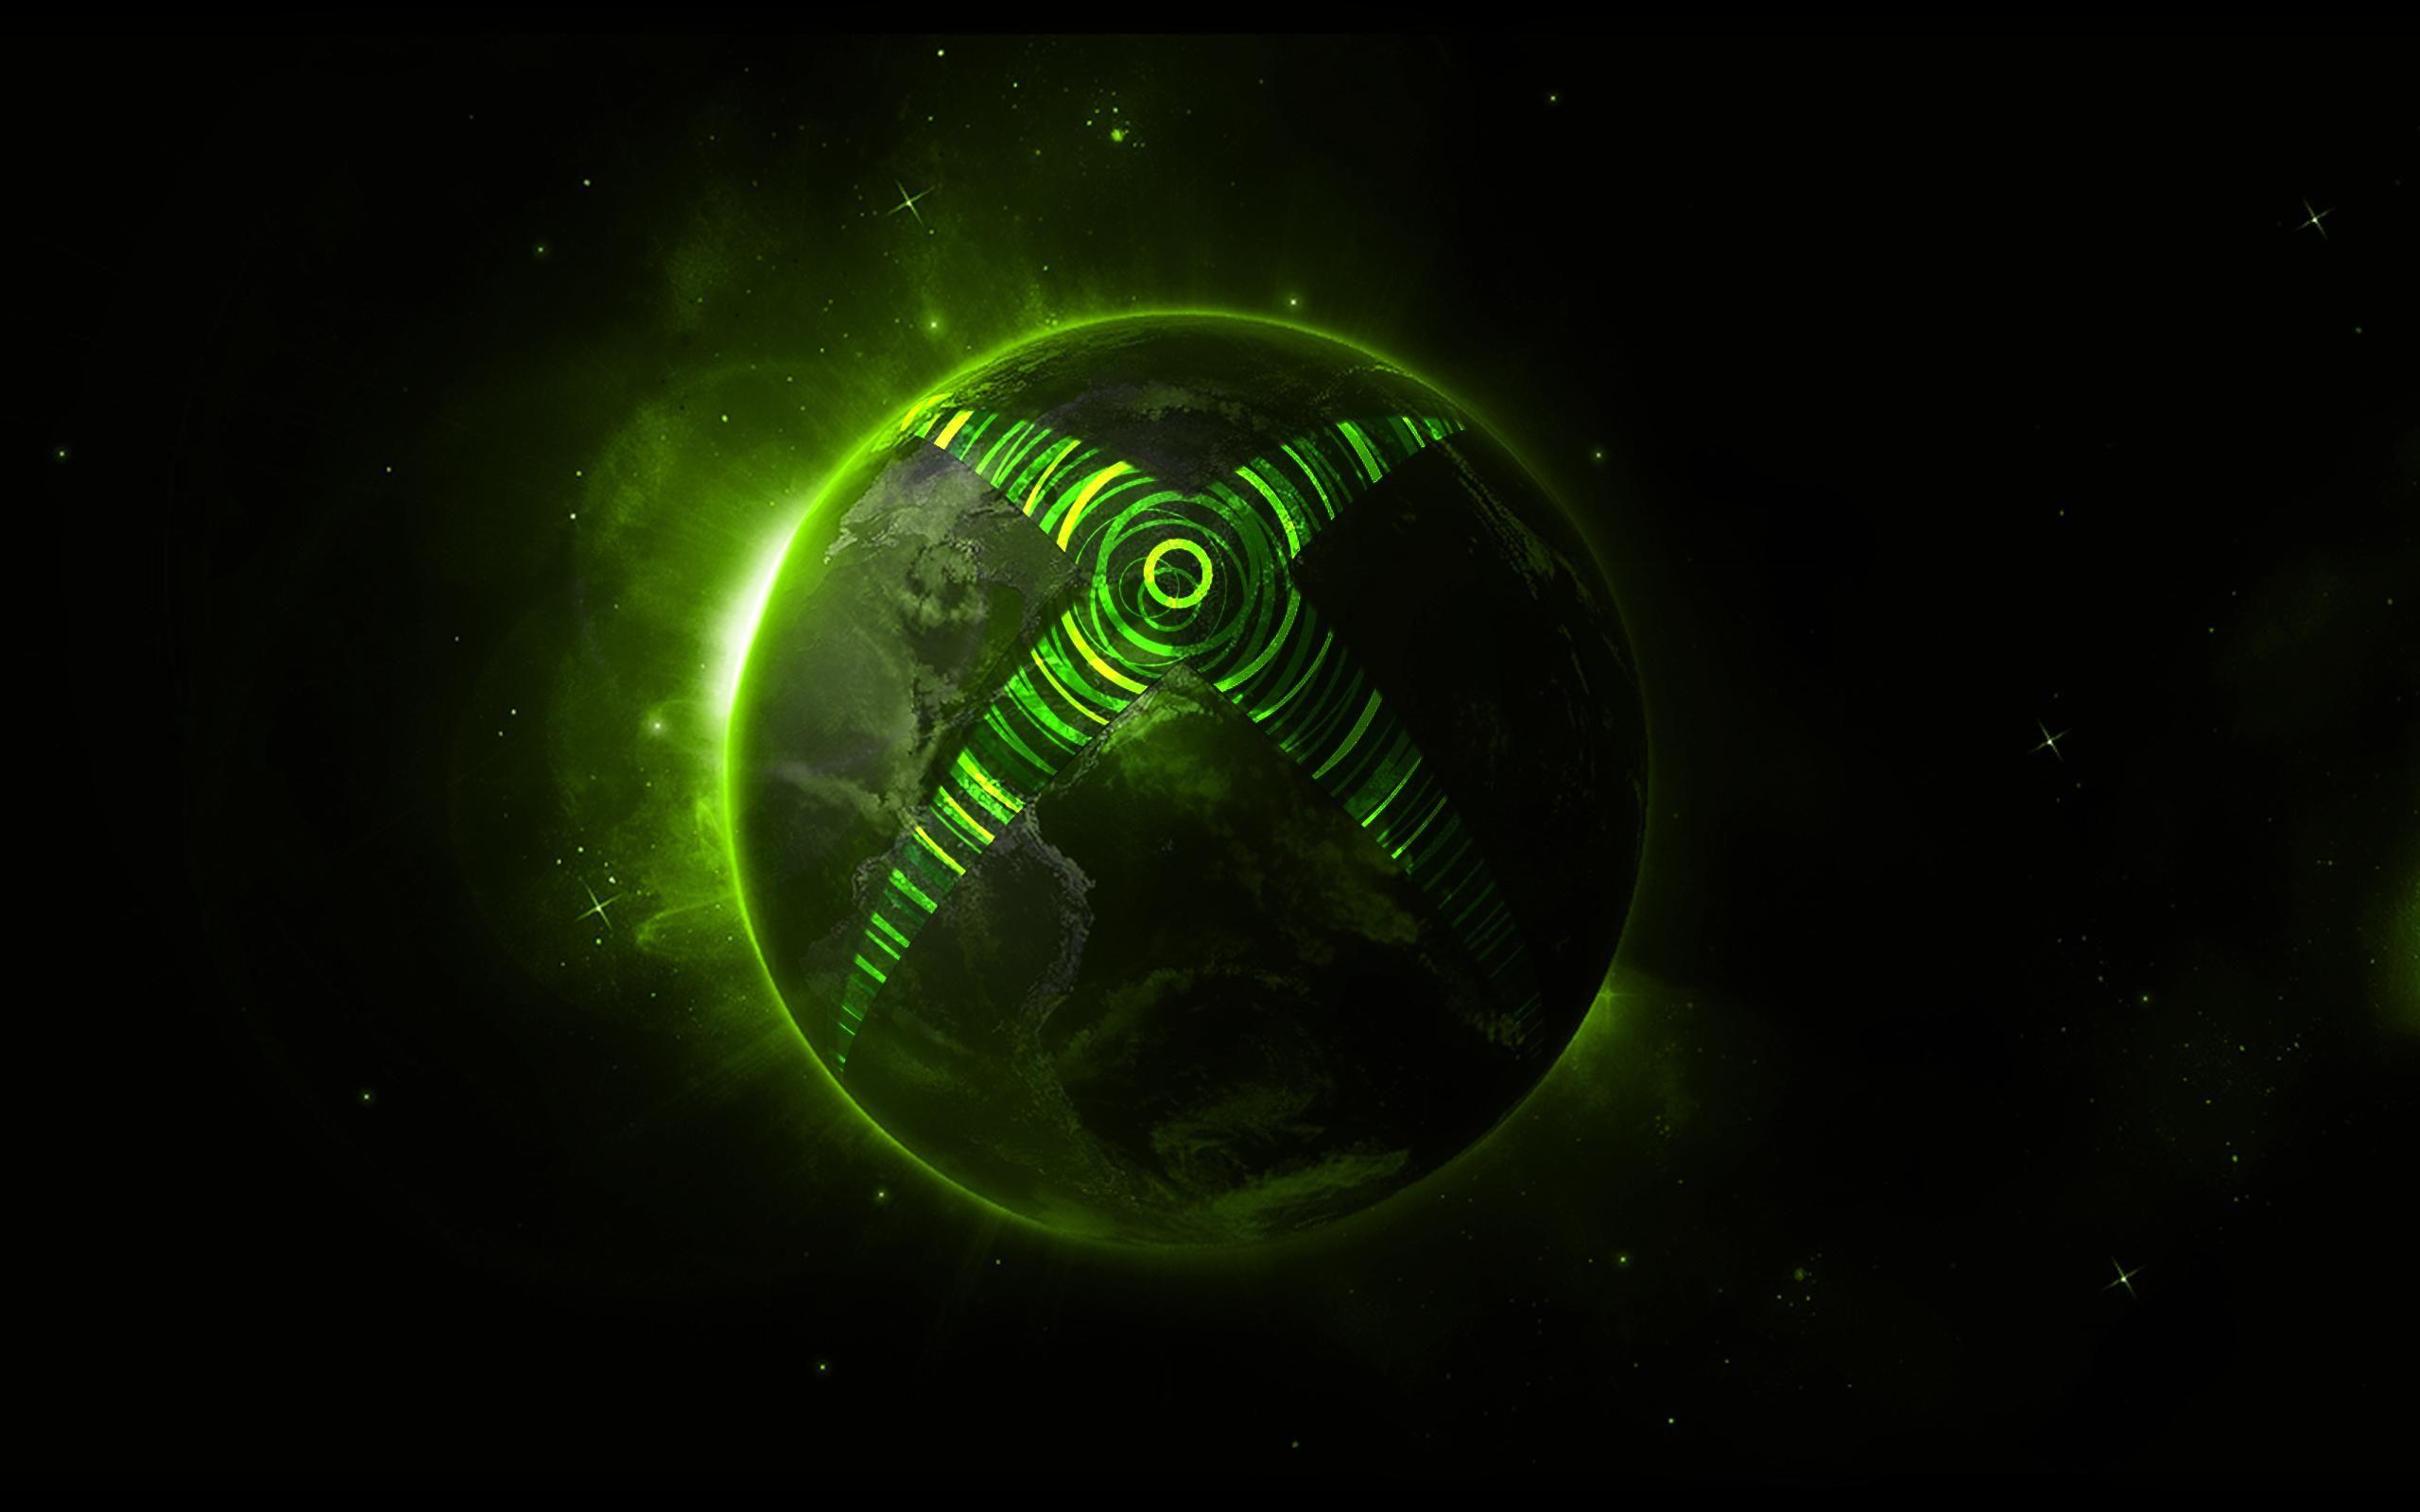 Пользователям Xbox дали бесплатный доступ кмультиплееру. Нотолько напять дней